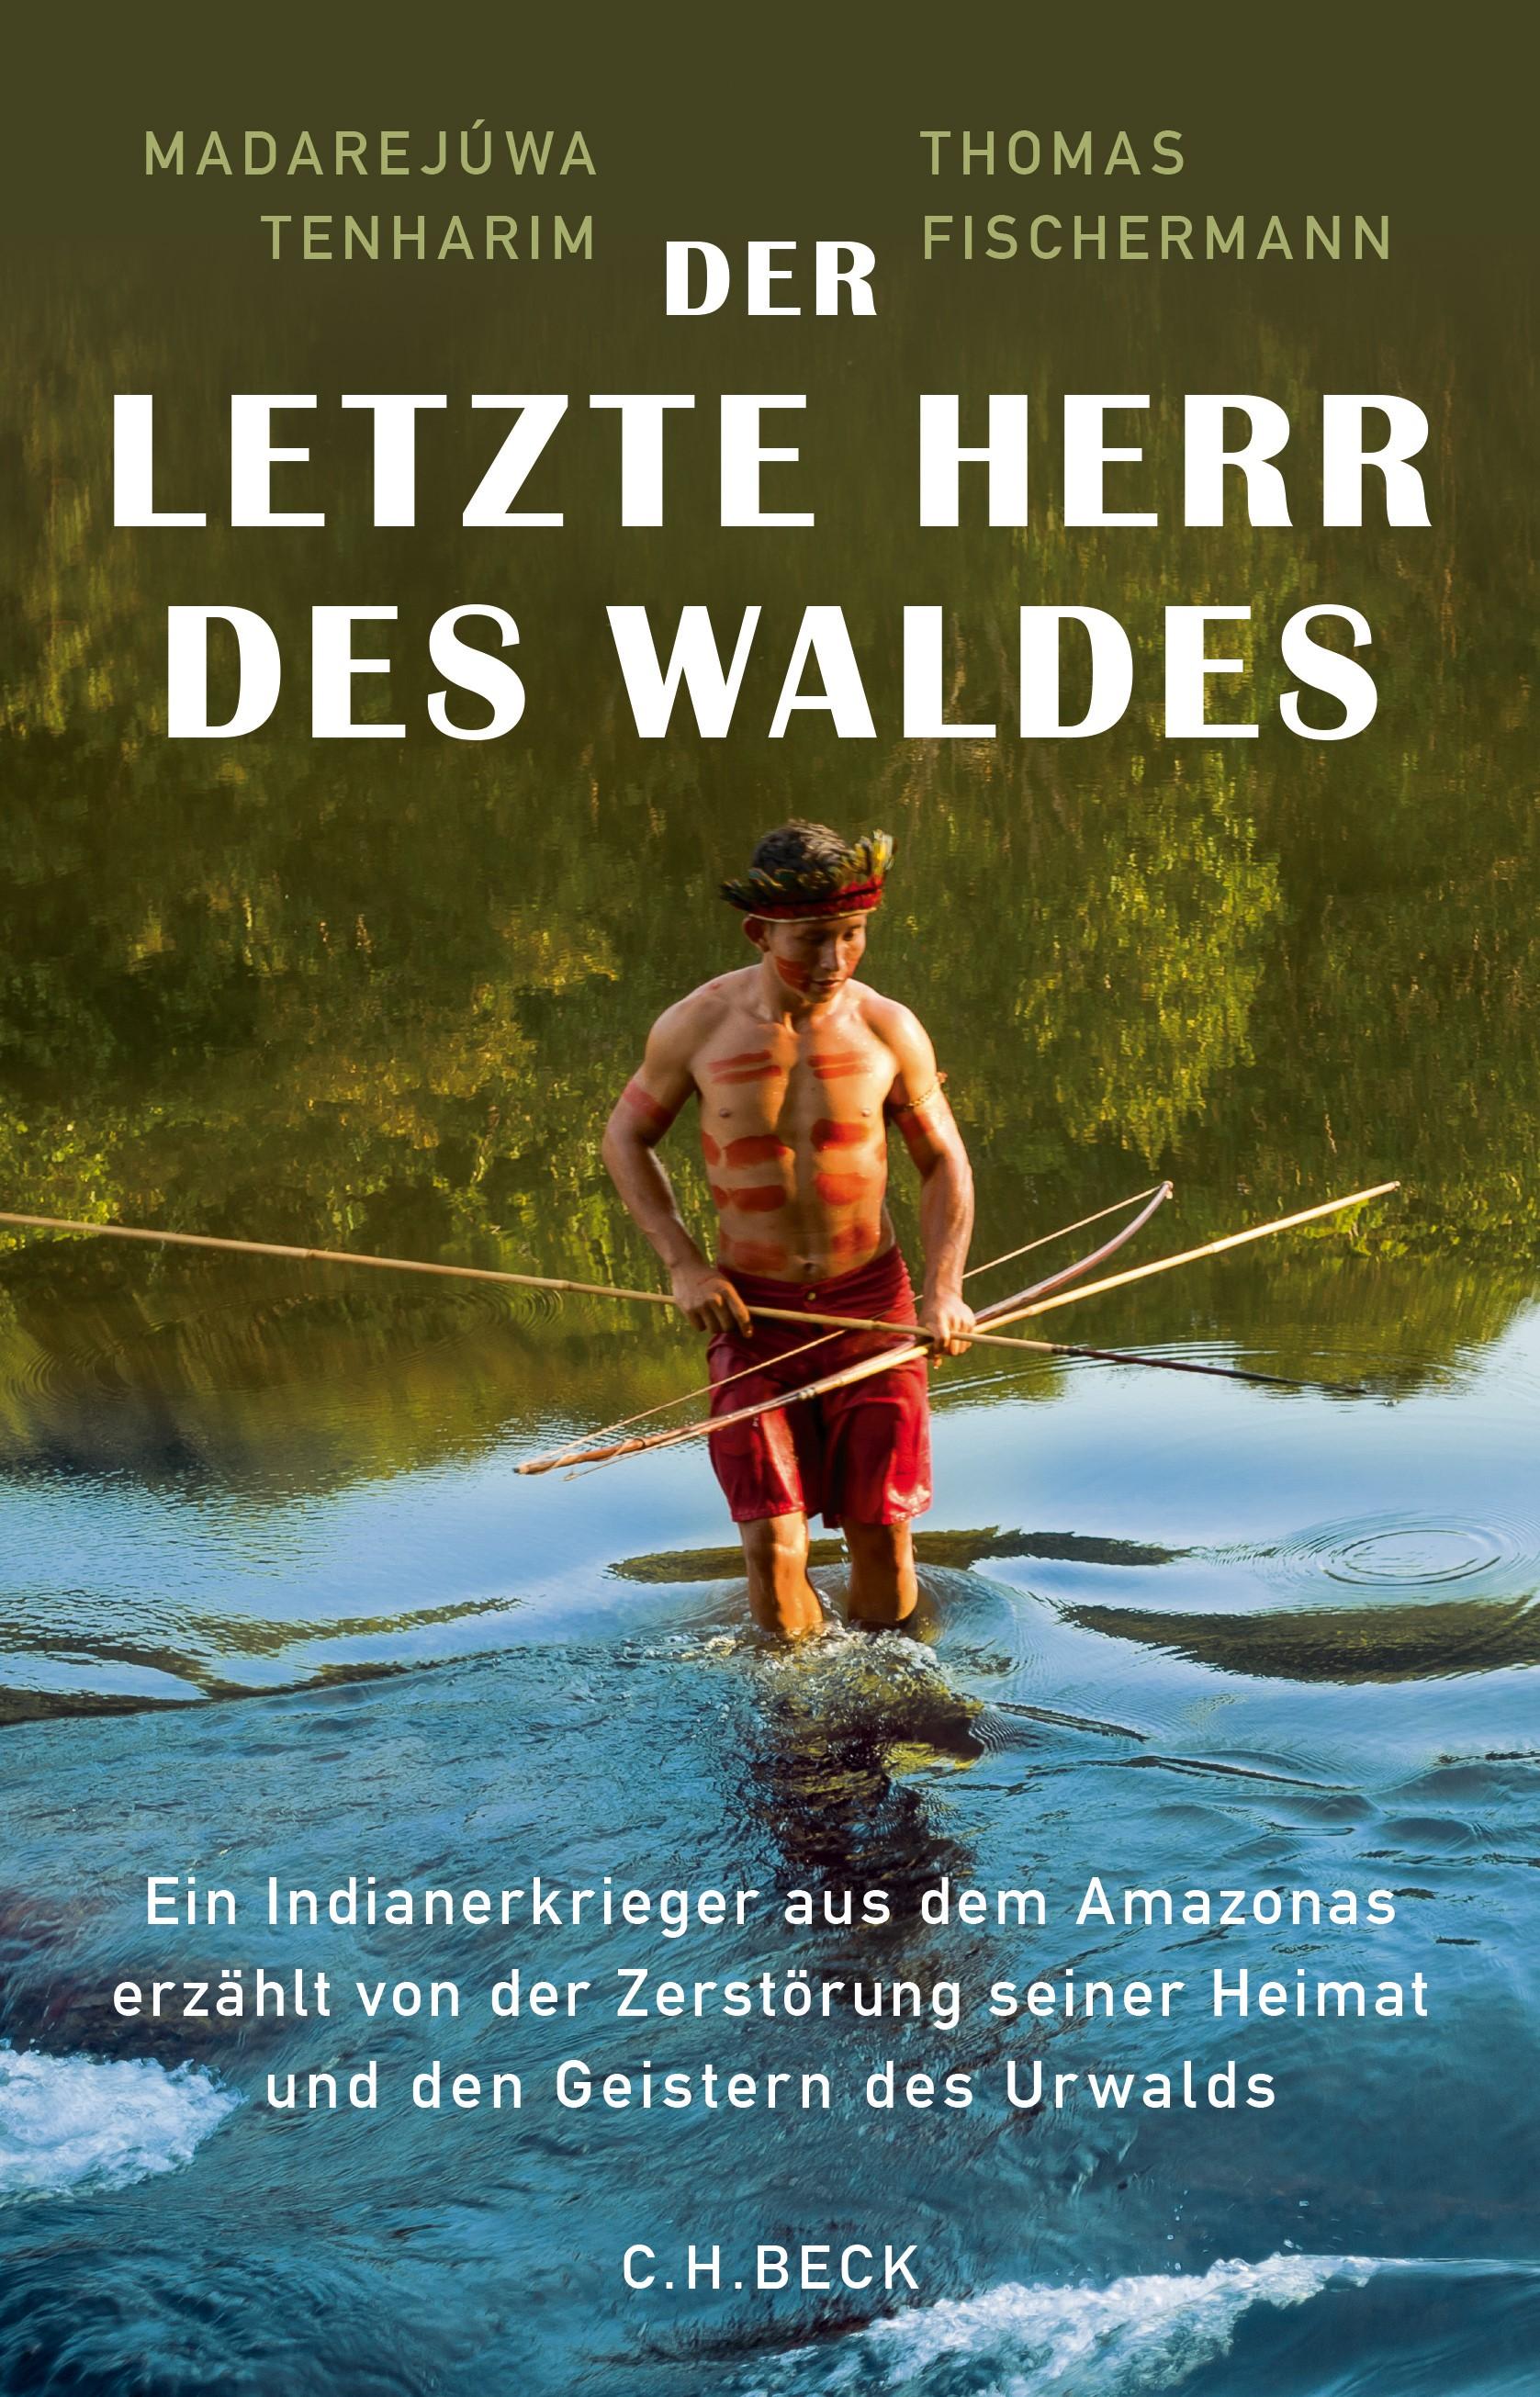 Der letzte Herr des Waldes | Fischermann, Thomas / Tenharim, Madarejúwa | 2. Auflage, 2018 | Buch (Cover)